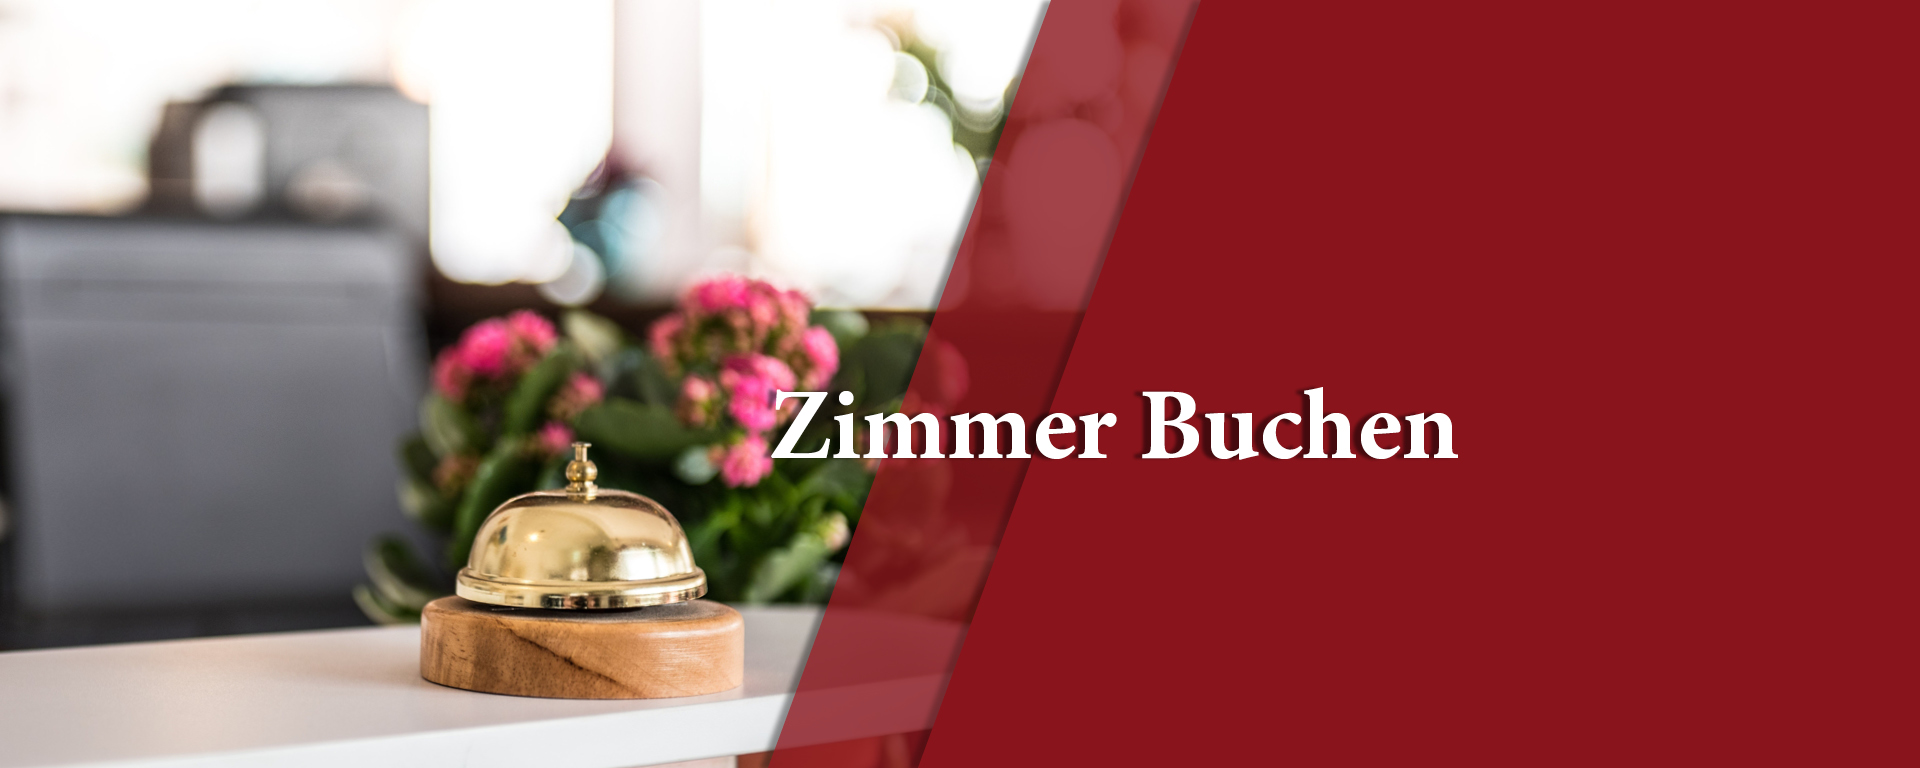 Zimmer Buchen, Kornwestheim Zimmer, Zimmer, Stuttgart